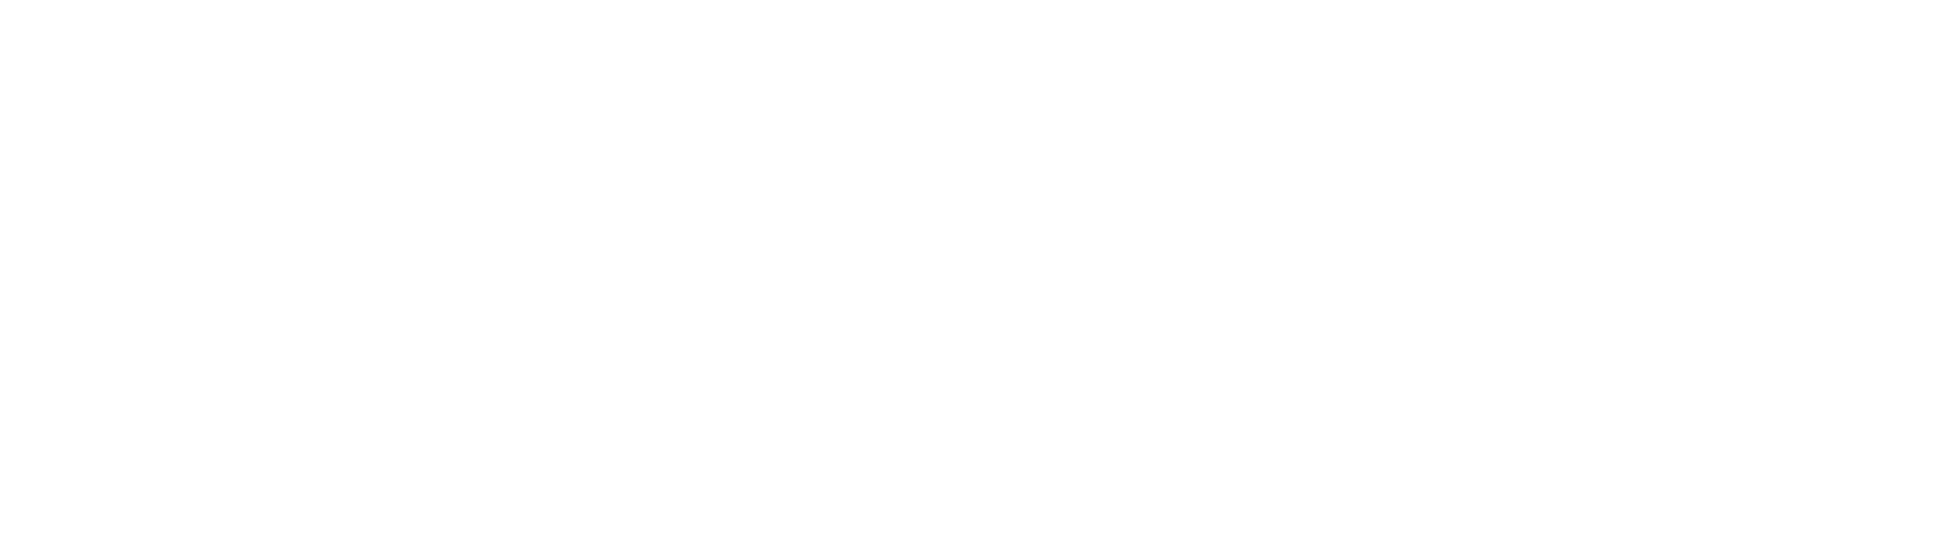 header_white_logo